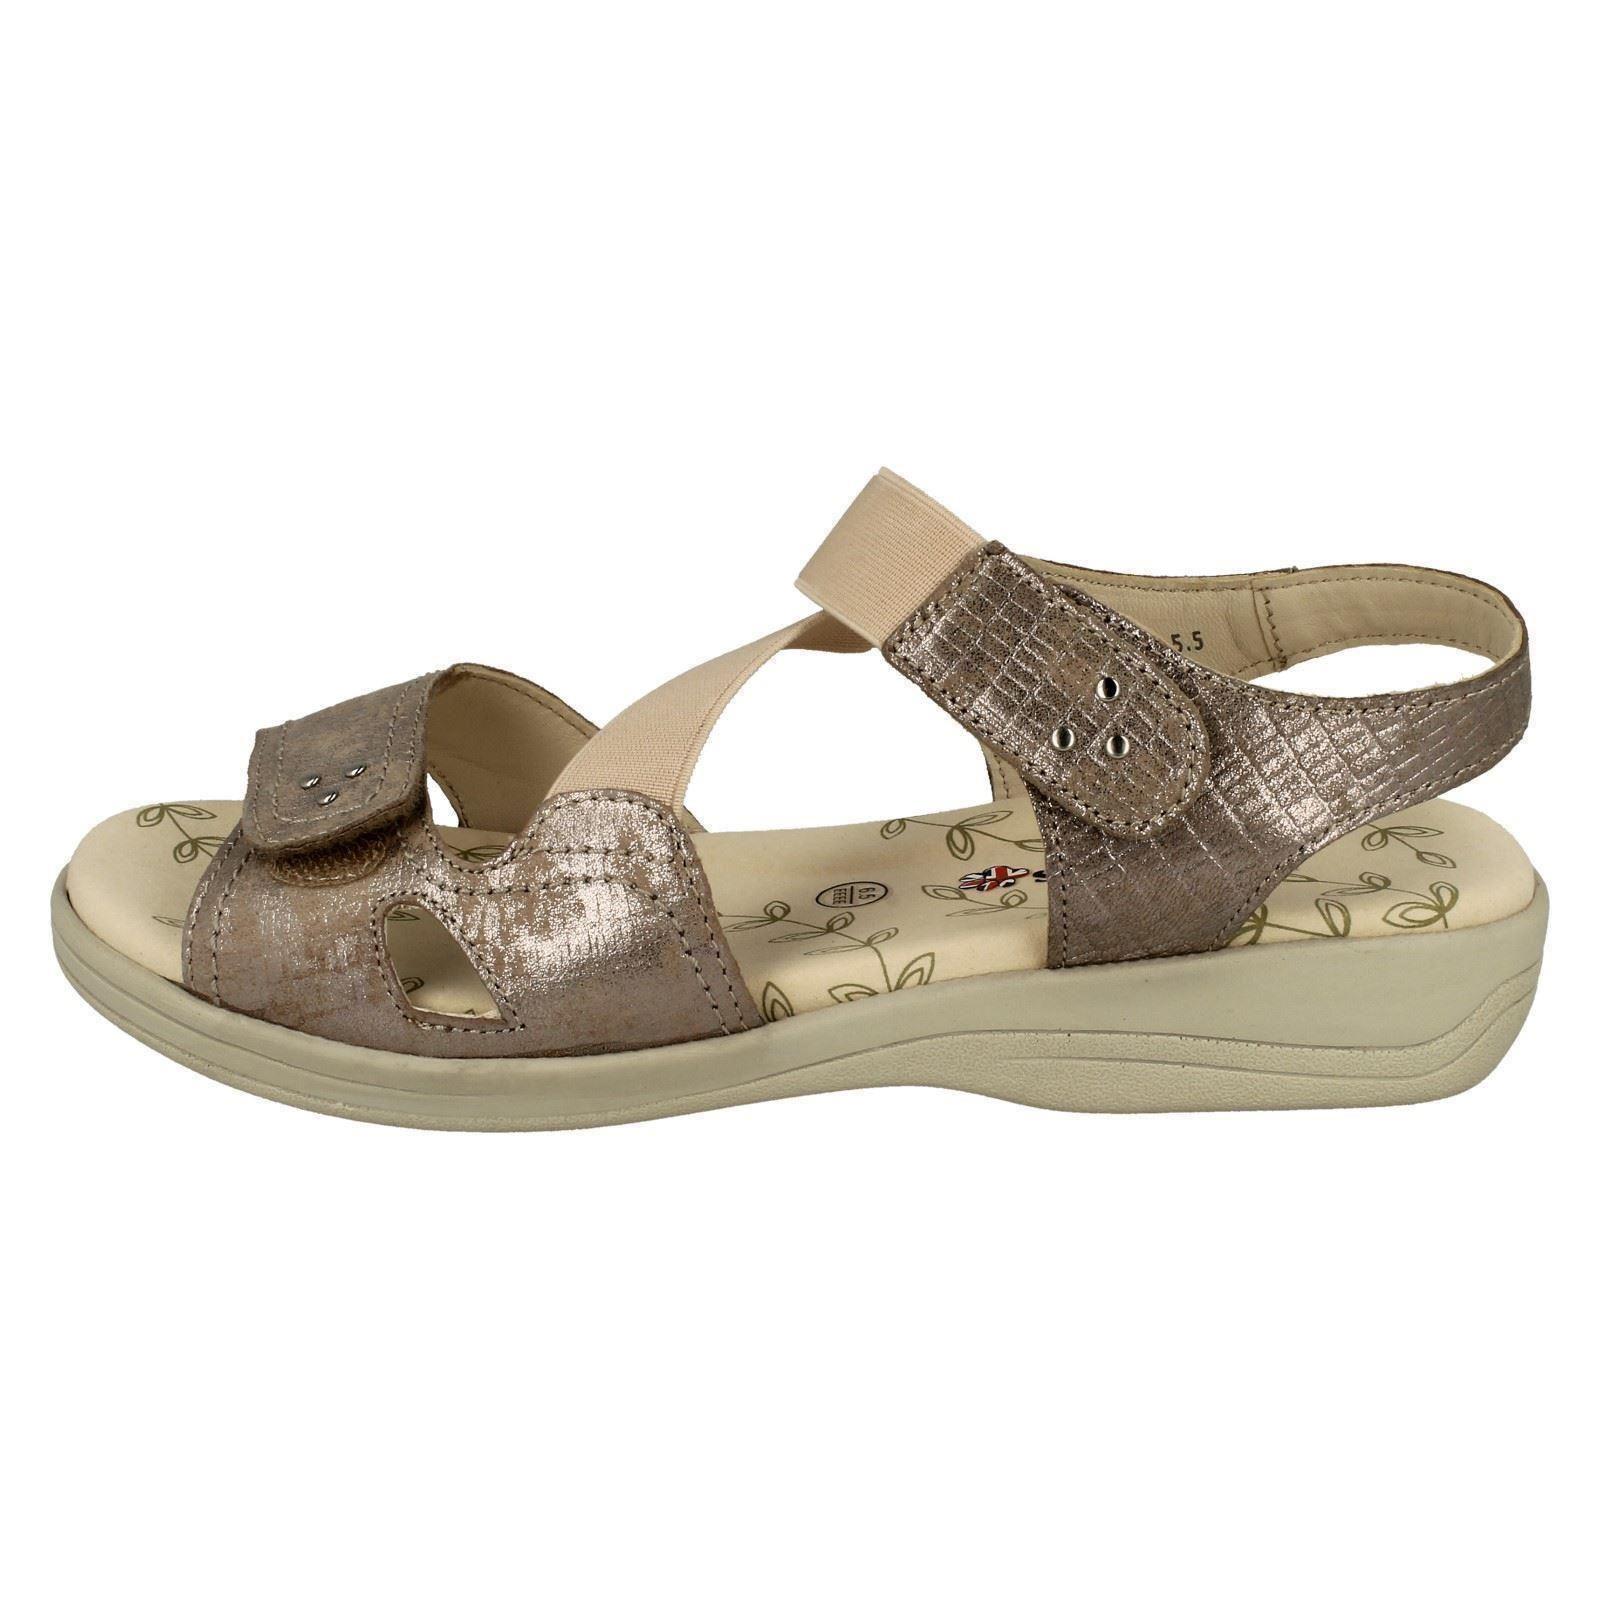 Ladies Padders Con Cinturini Sandali Casual Casual Casual CROCIERA e53e85